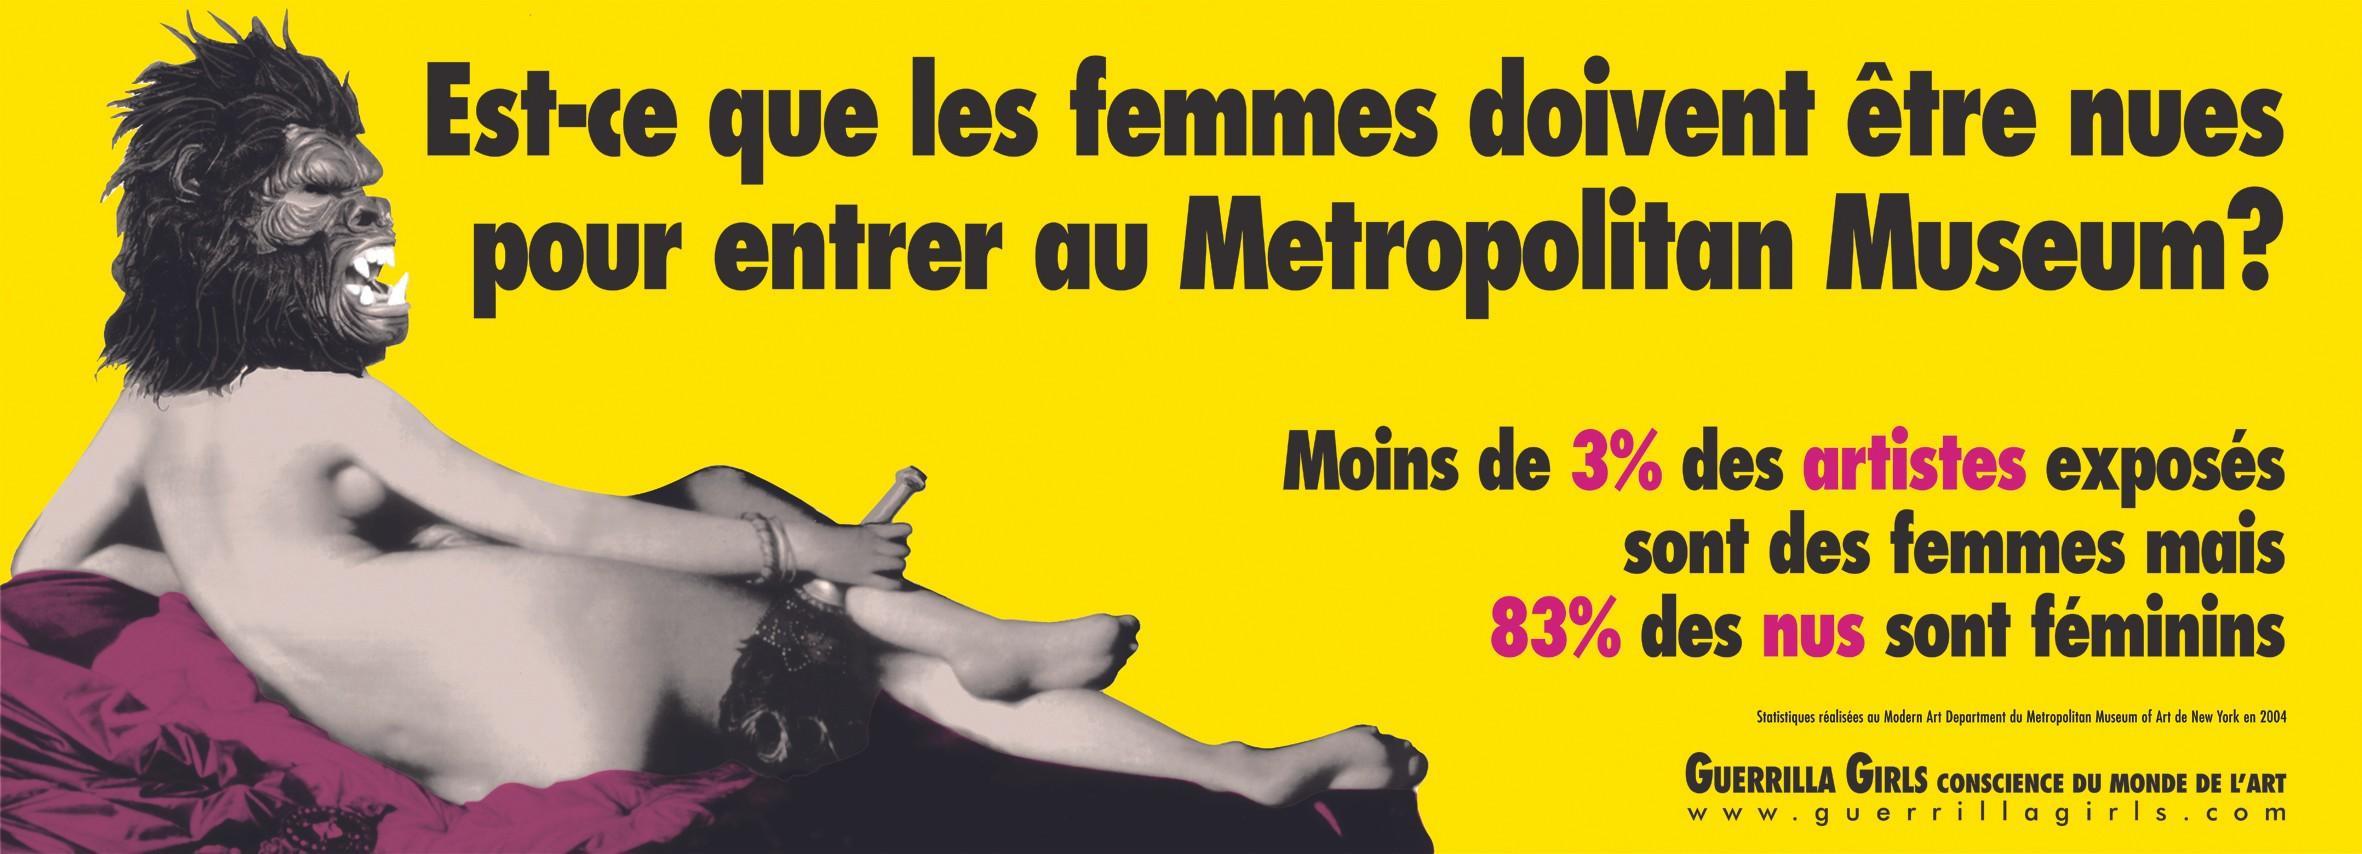 Guerrilla Girls, Est-ce que les femmes doivent être nues pour entrer au Metropolitan Museum ?, 1989, affiche publicitaire.